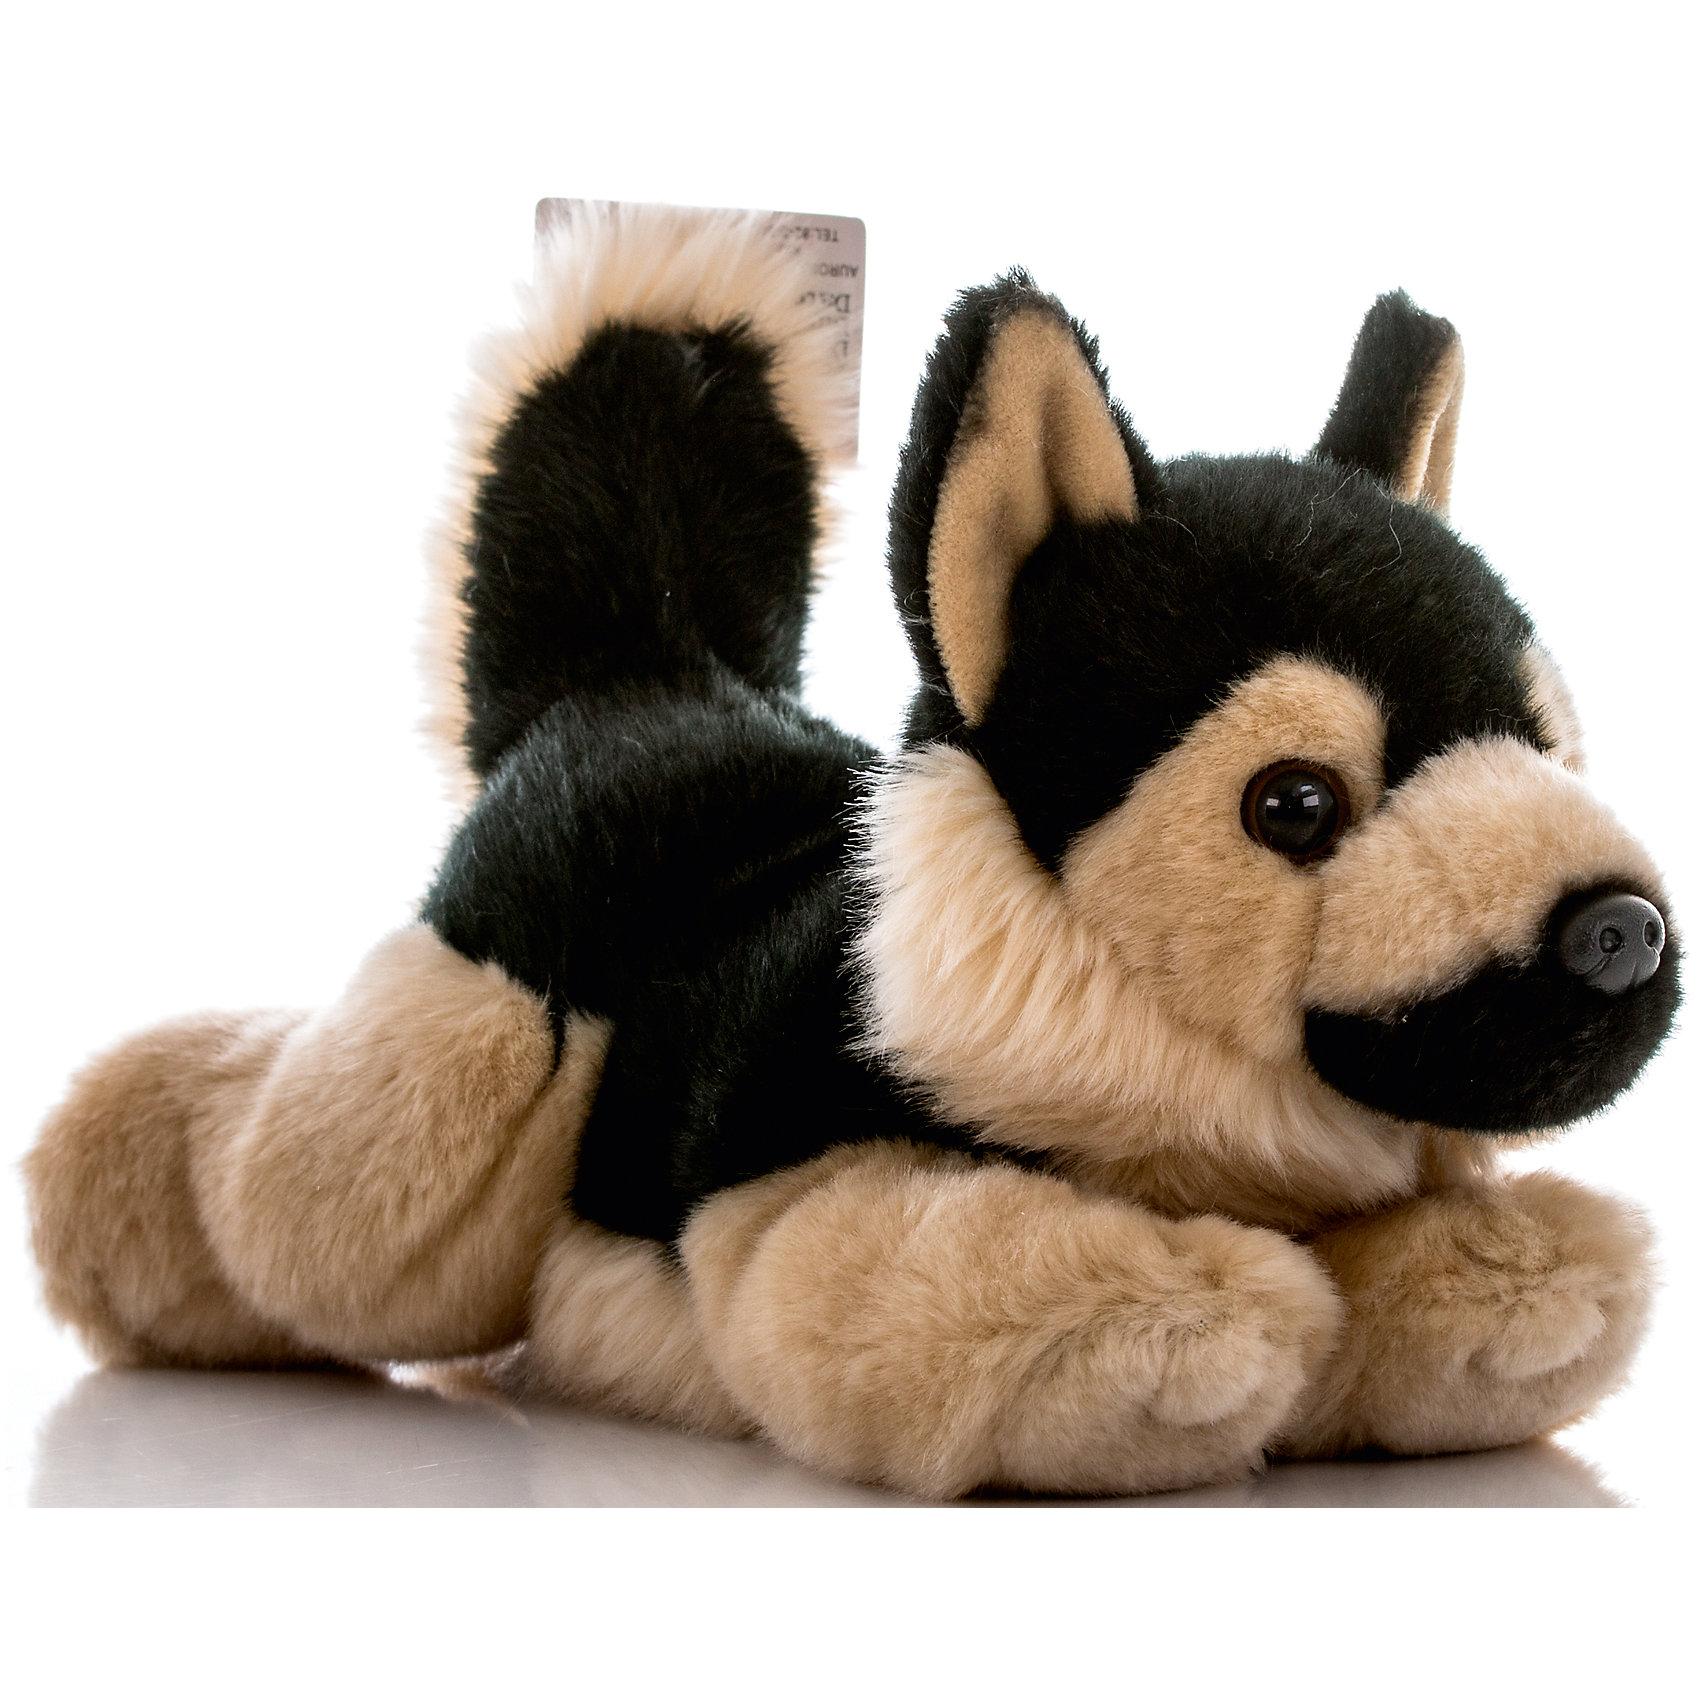 AURORA Мягкая игрушка Немецкая Овчарка, 28 см, AURORA aurora мягкая игрушка тигр 28 см